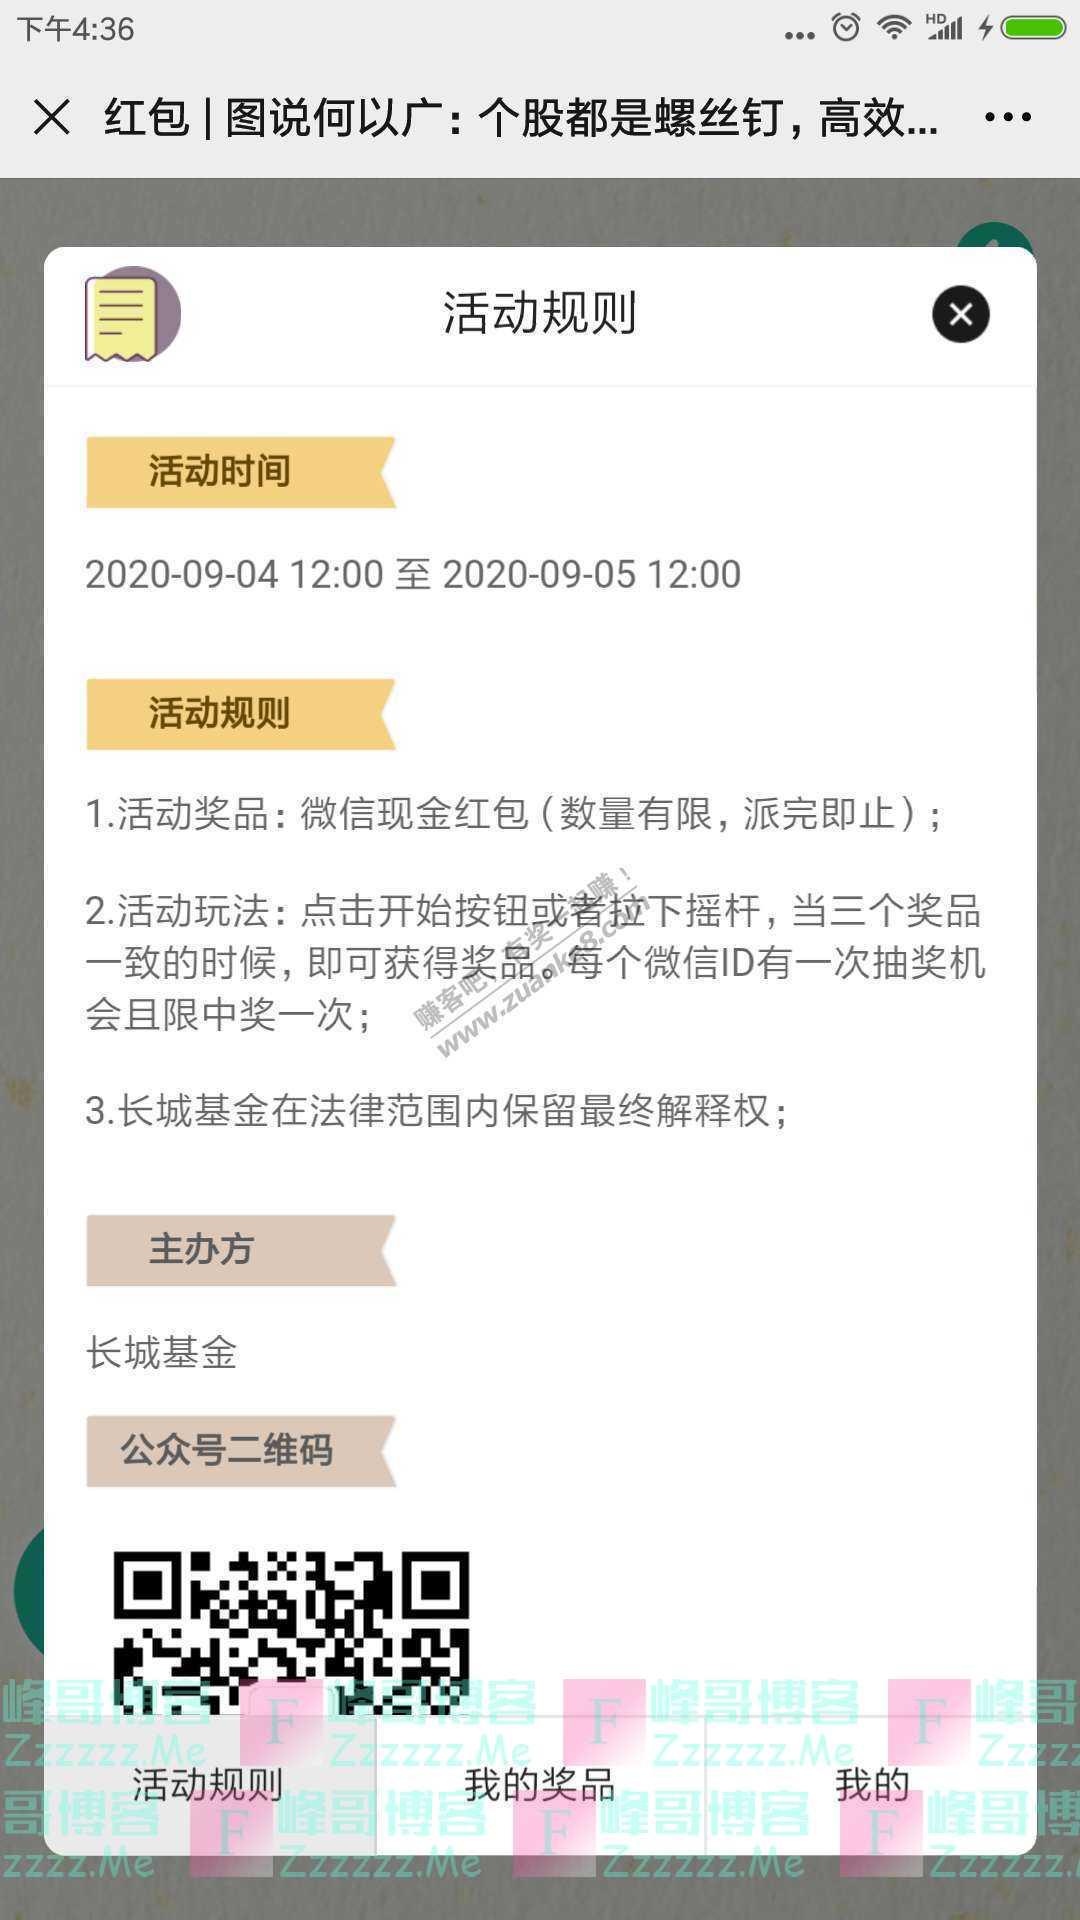 长城基金红包   图说何以广(截止9月5日)